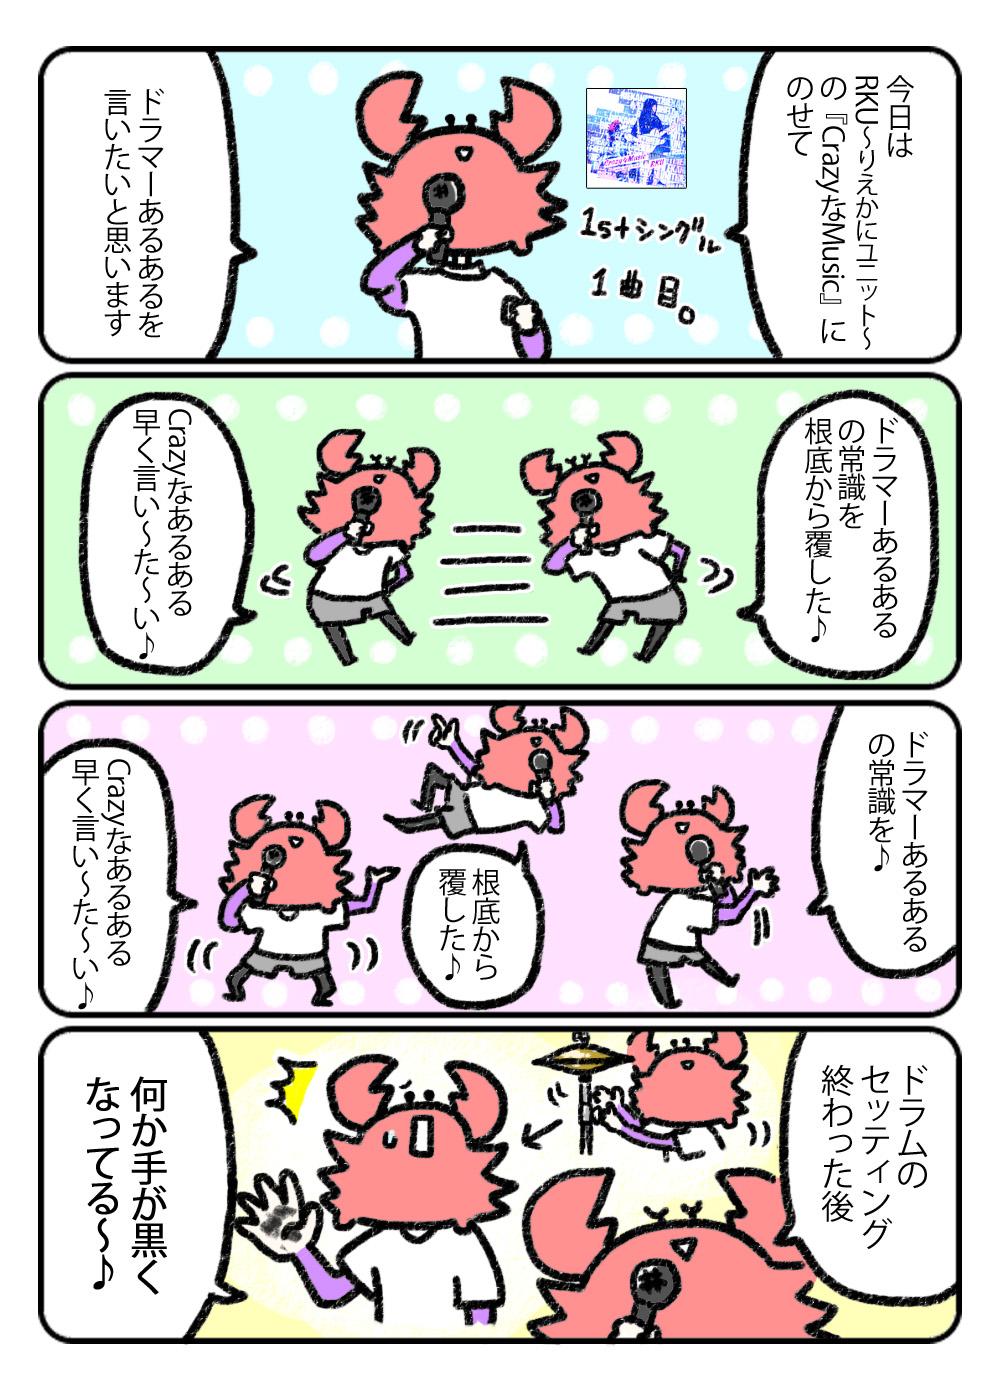 dr.kani46